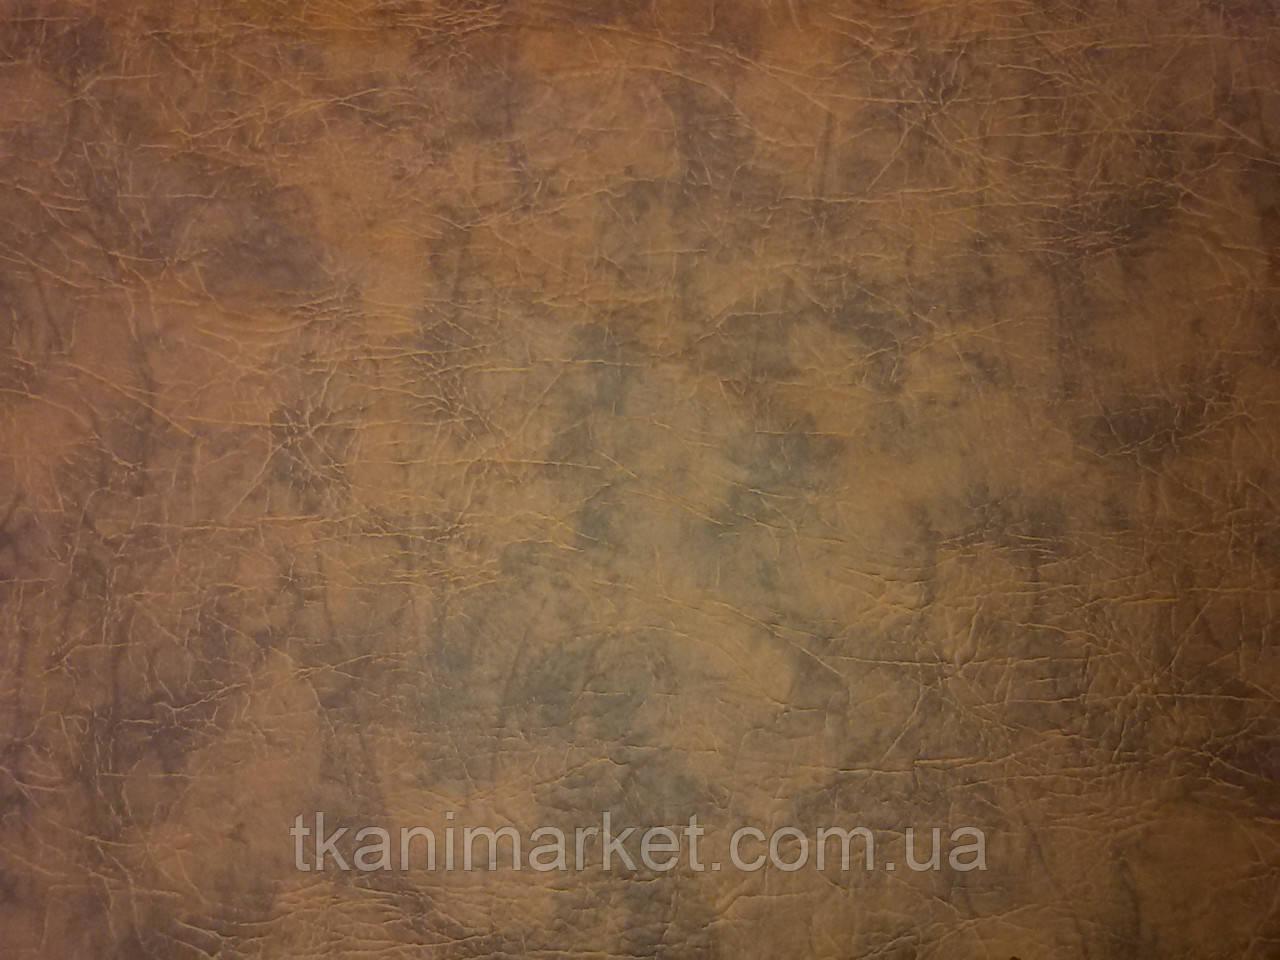 Кожзаменитель 0-18 - Обивочные и одежные ткани в Одессе